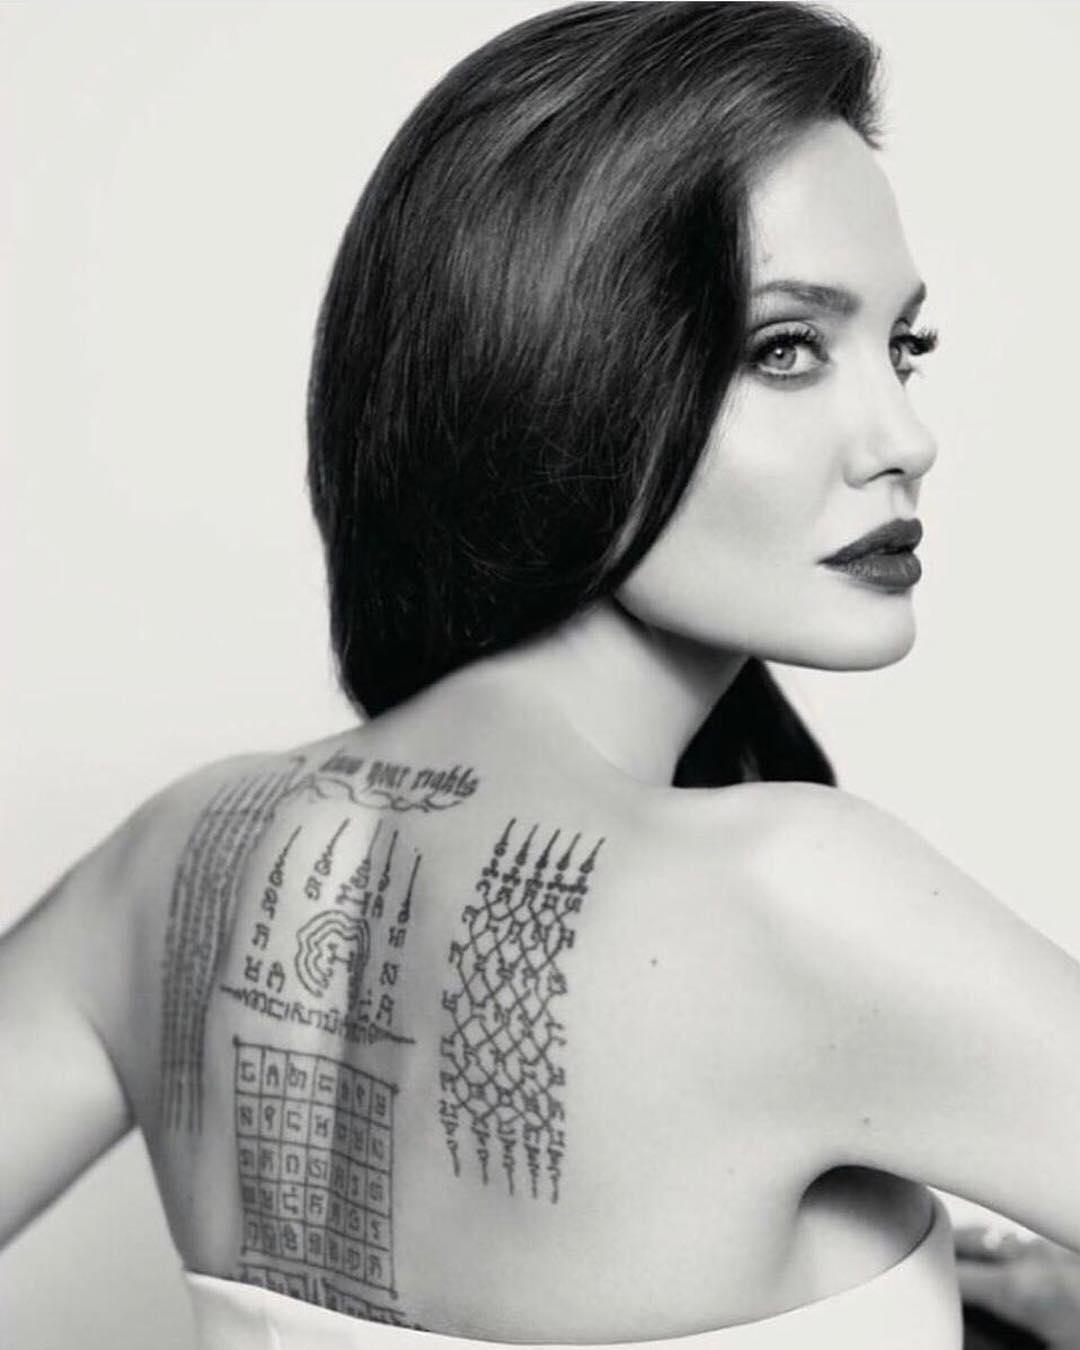 Анджелина Джоли, Сак Янт, Янтра, тайская татуировка, традиционные татуировки, мантры, буддистские письмена